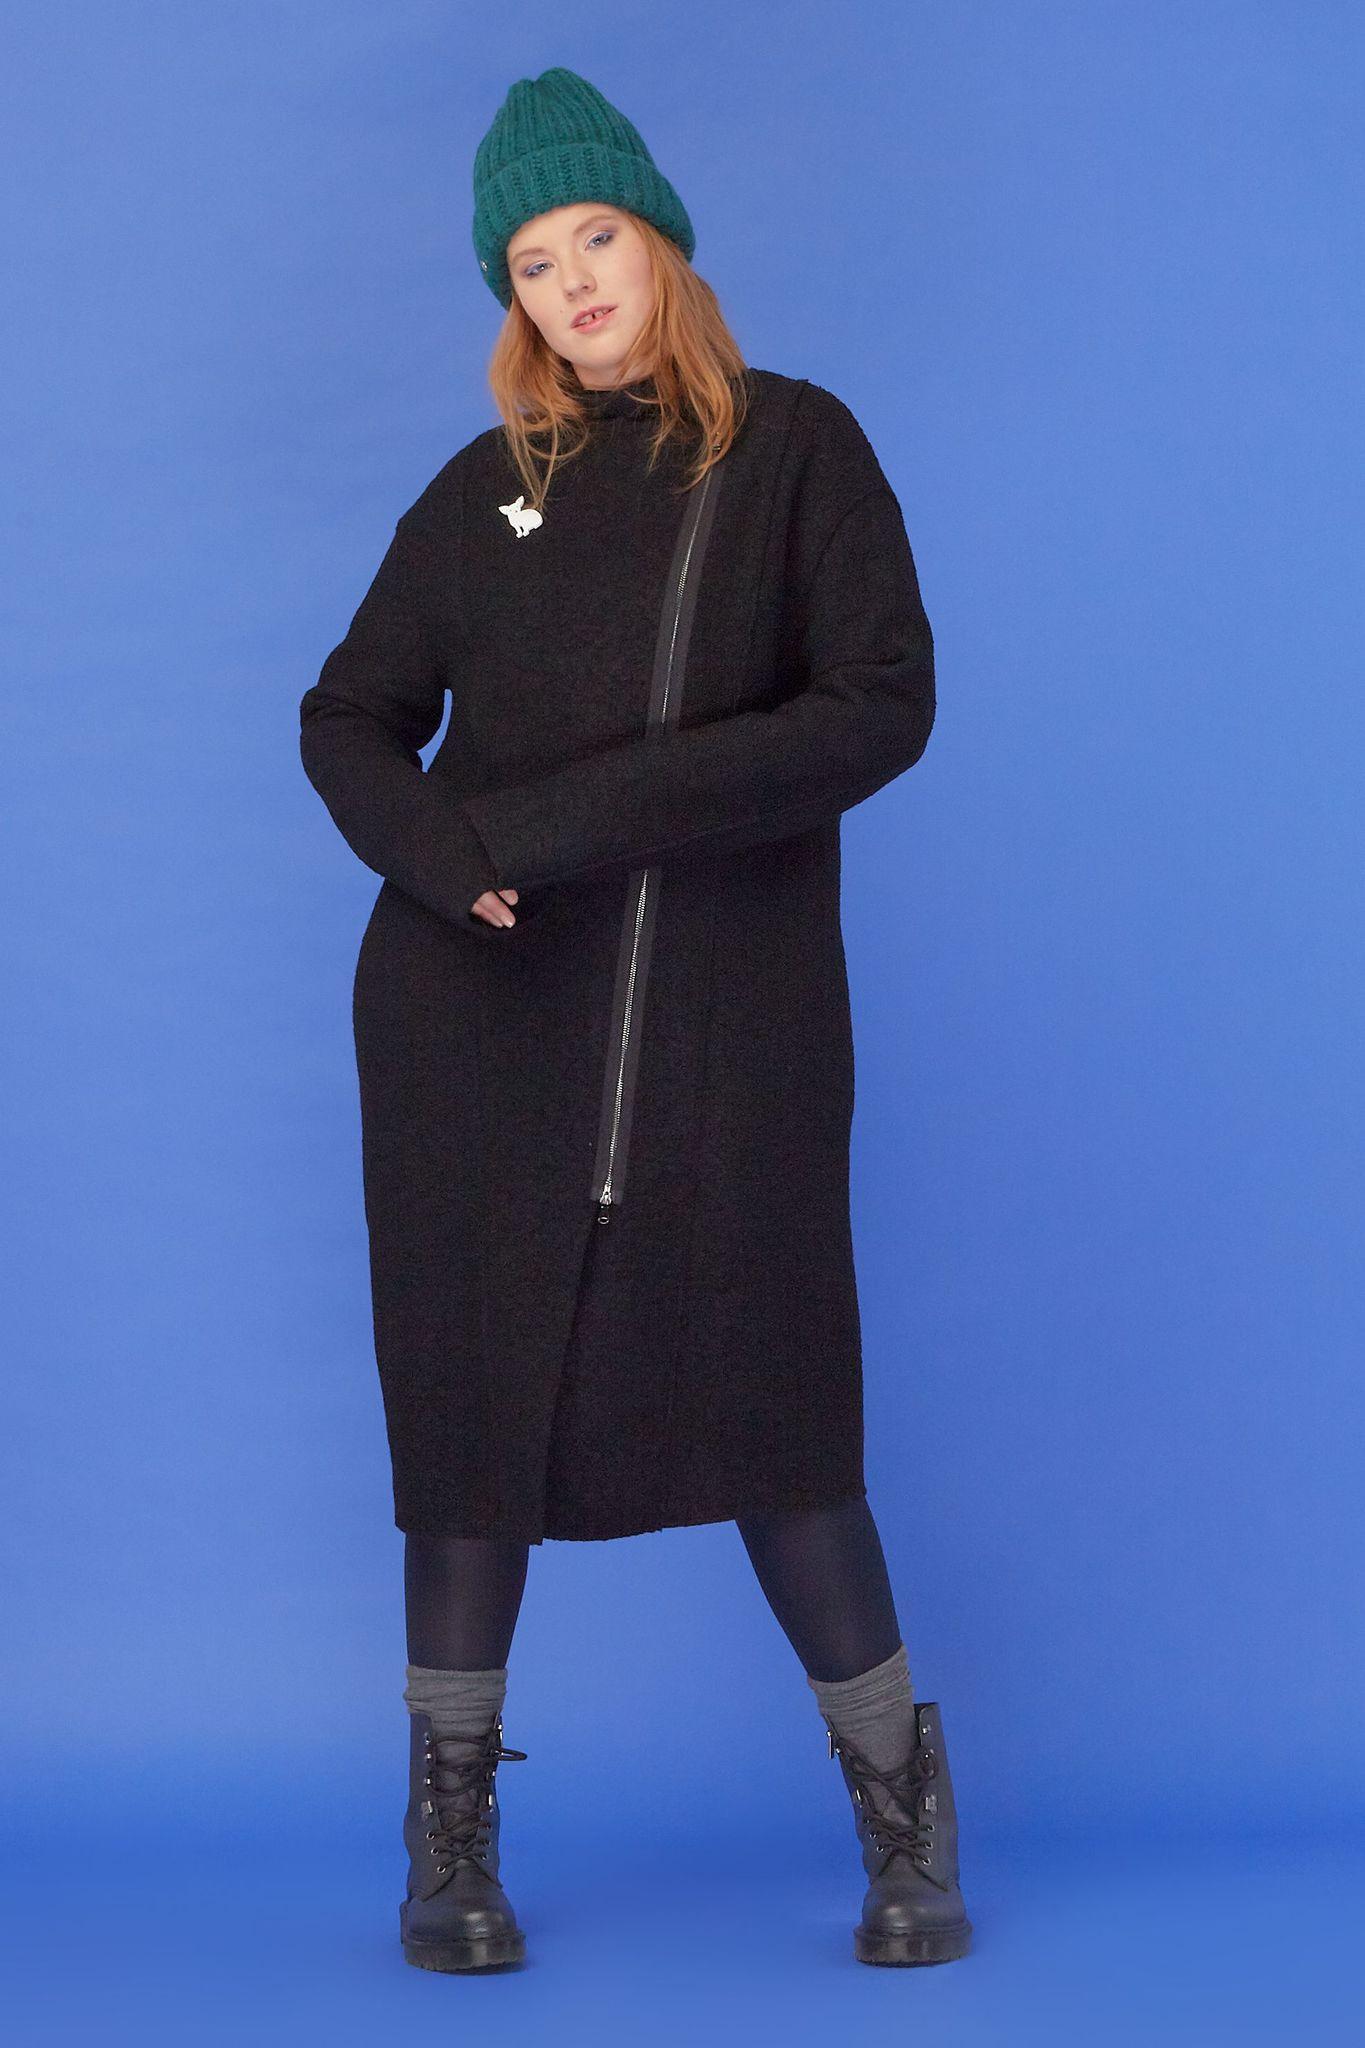 Пальто BASE-03 CO02 ST01Пальто<br>Легкое пальто из натуральной шерсти с ассиметричной молнией- стильное, летящее, фантастически модное и удобное. На прогулках, в путешествии, на работе, с любой обувью и всегда с превосходным настроением! Свободный силуэт с правильной геометрией линий и длина ниже колена- оно идеально.<br>